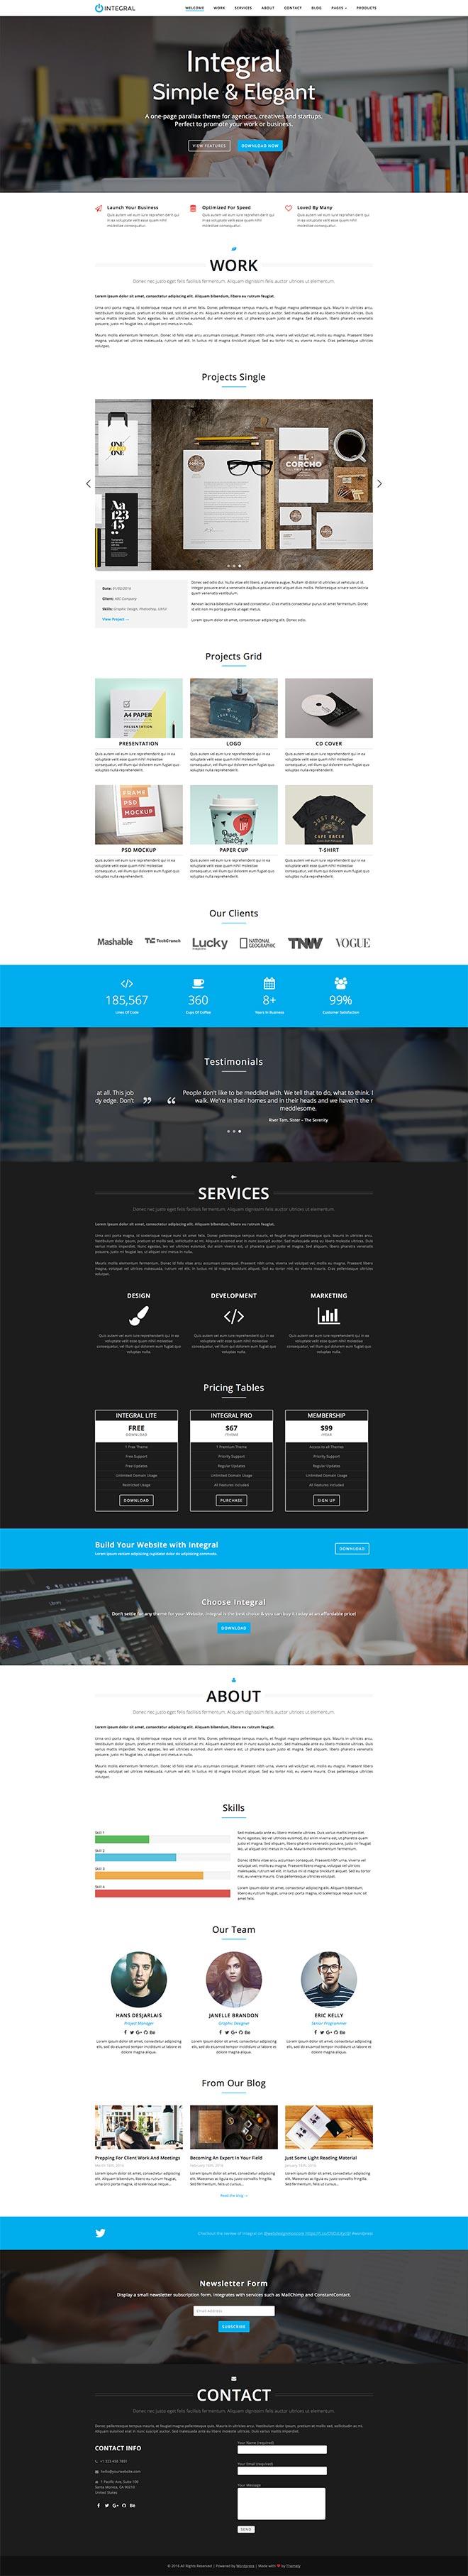 Integral Pro WordPress Theme